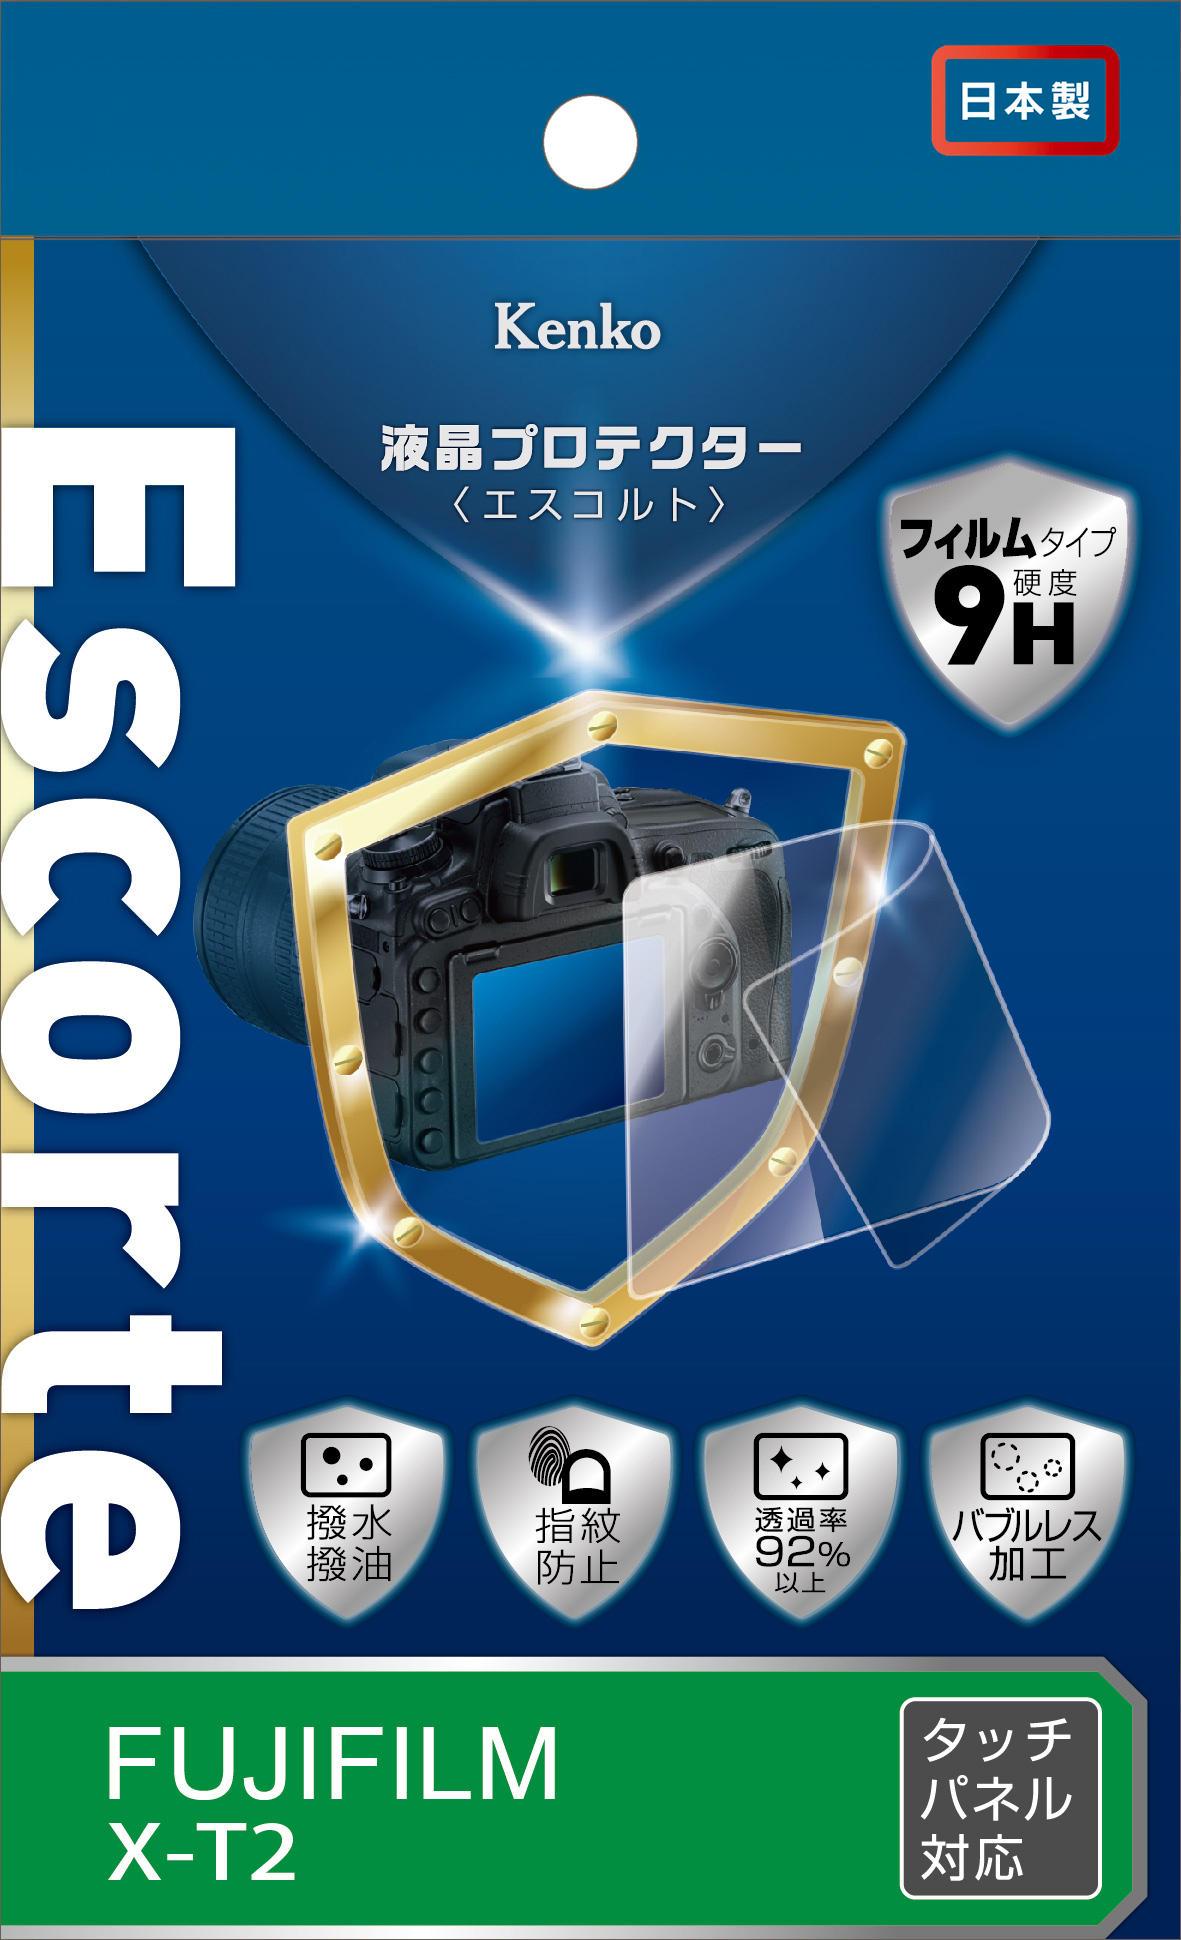 http://www.kenko-tokina.co.jp/imaging/eq/mt-images/4961607191705.jpg